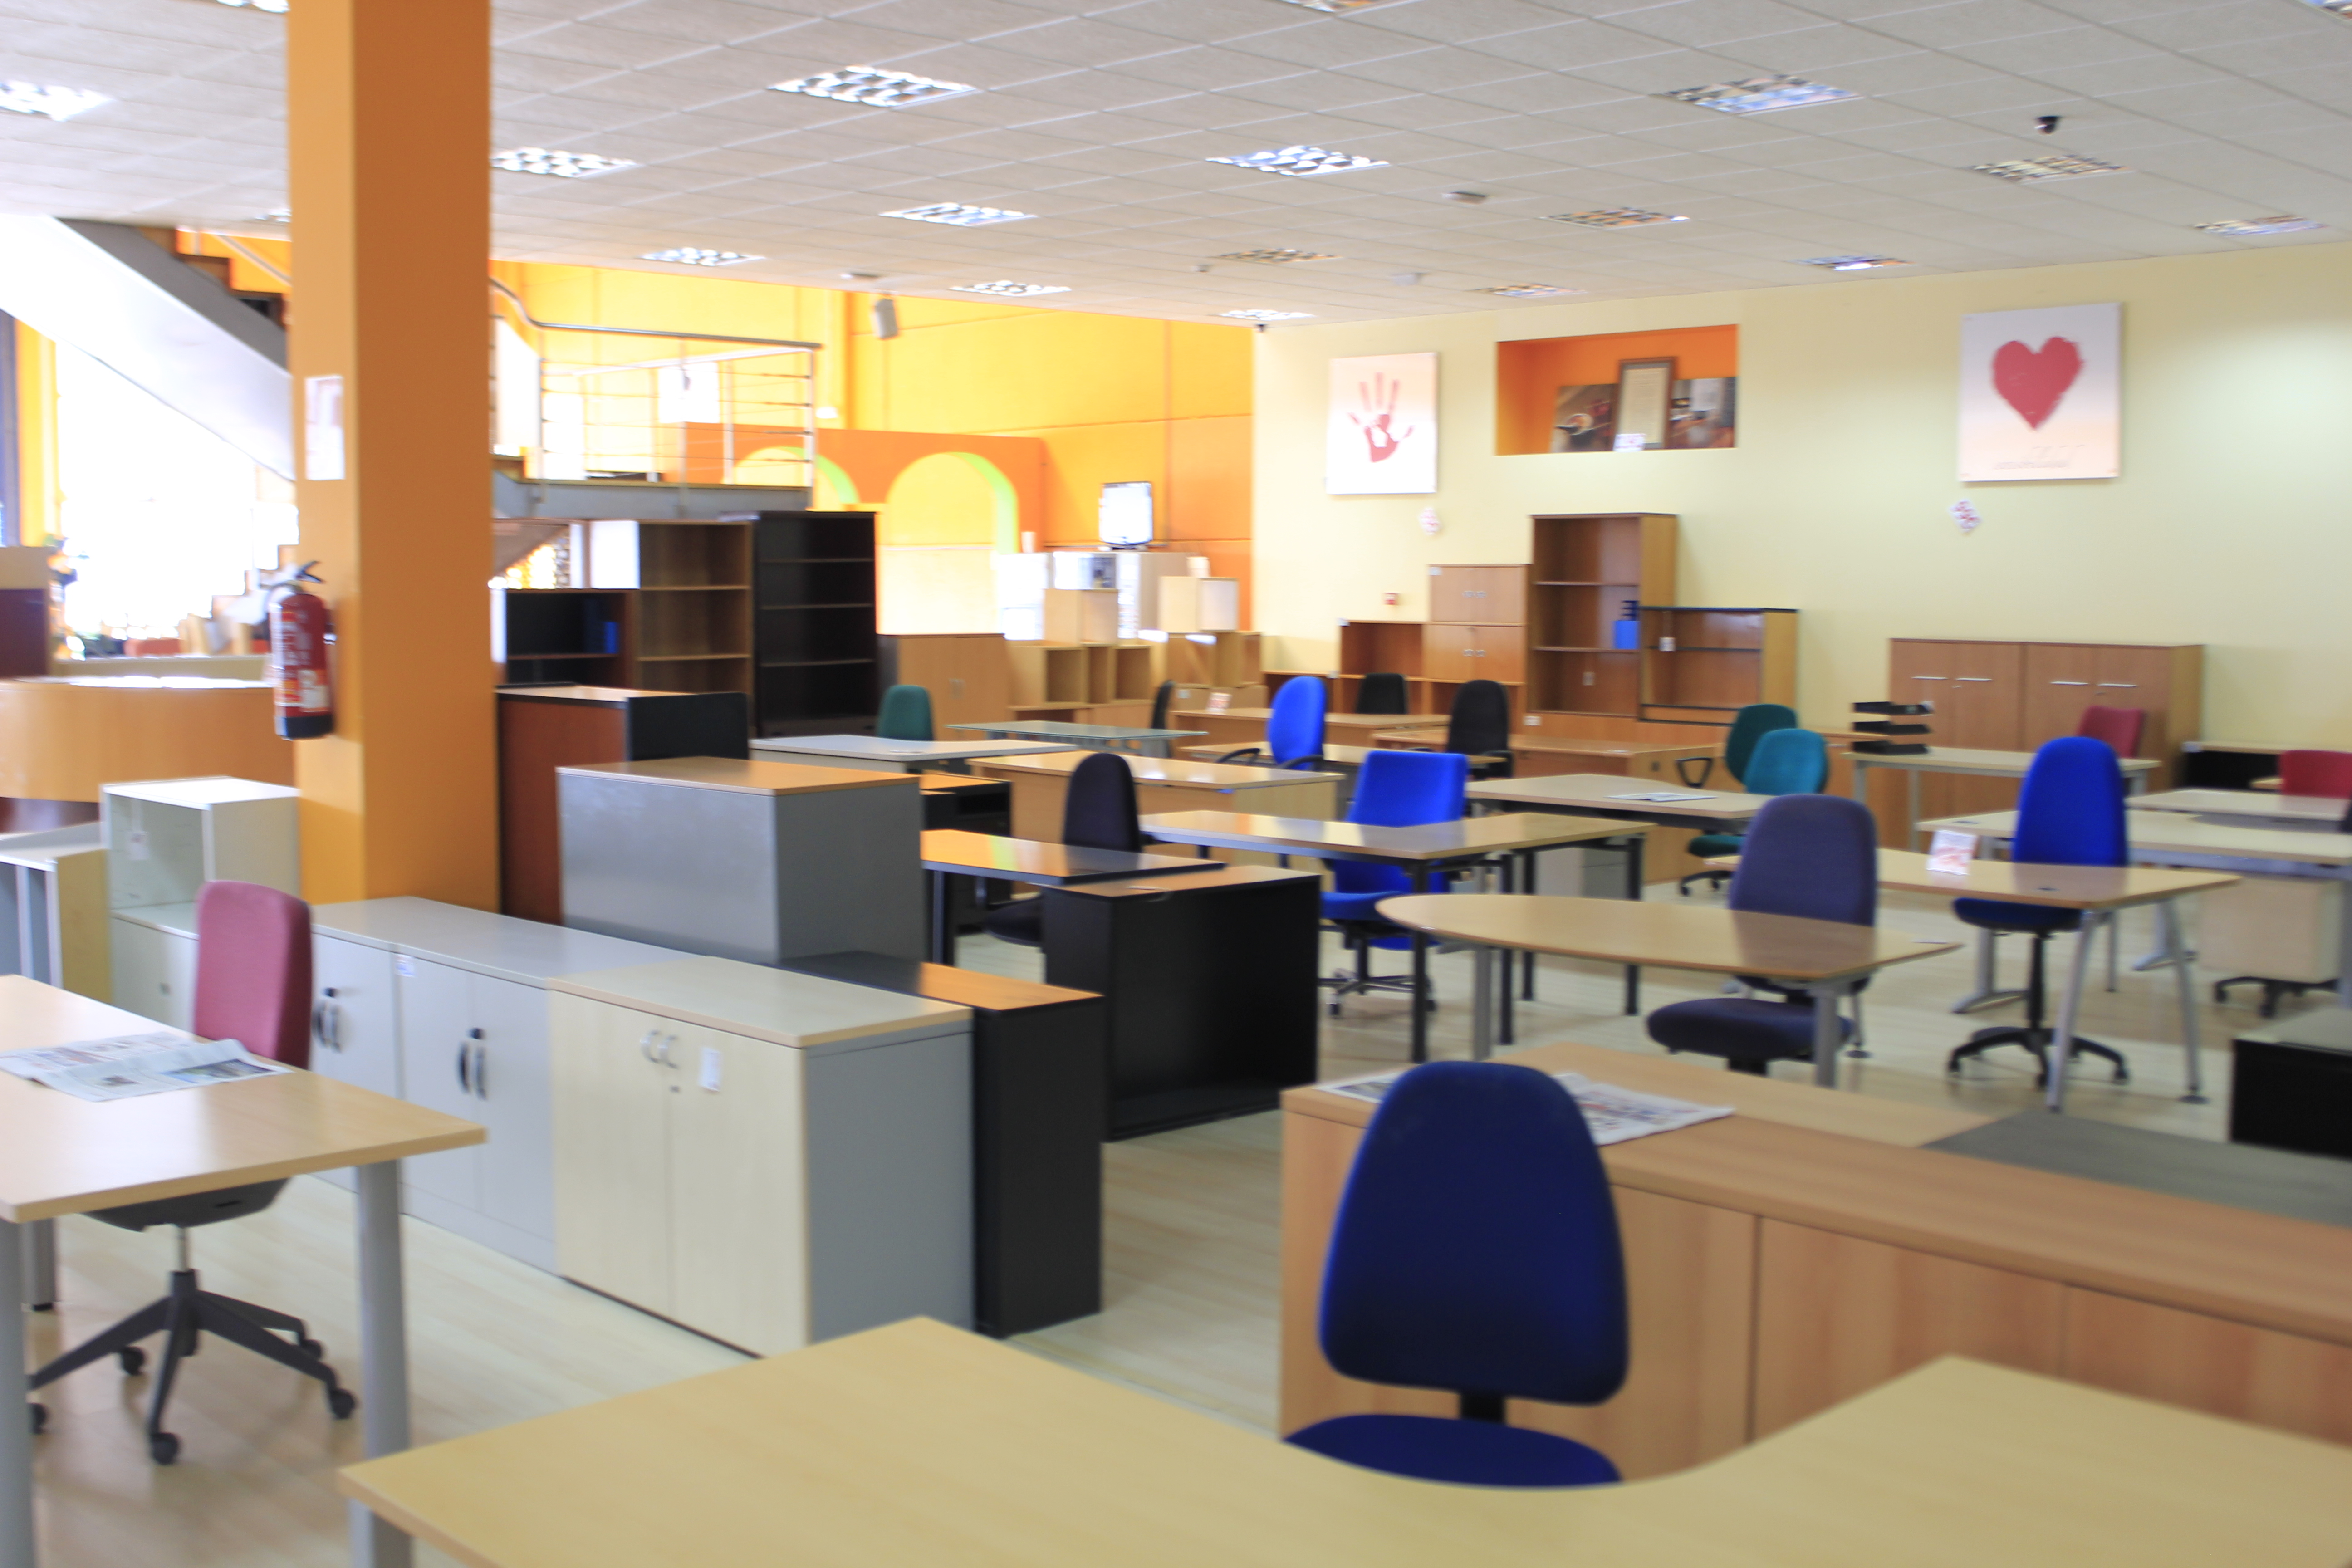 Casa jard n muebles en valverde de leganes infobel for Casas de muebles en madrid